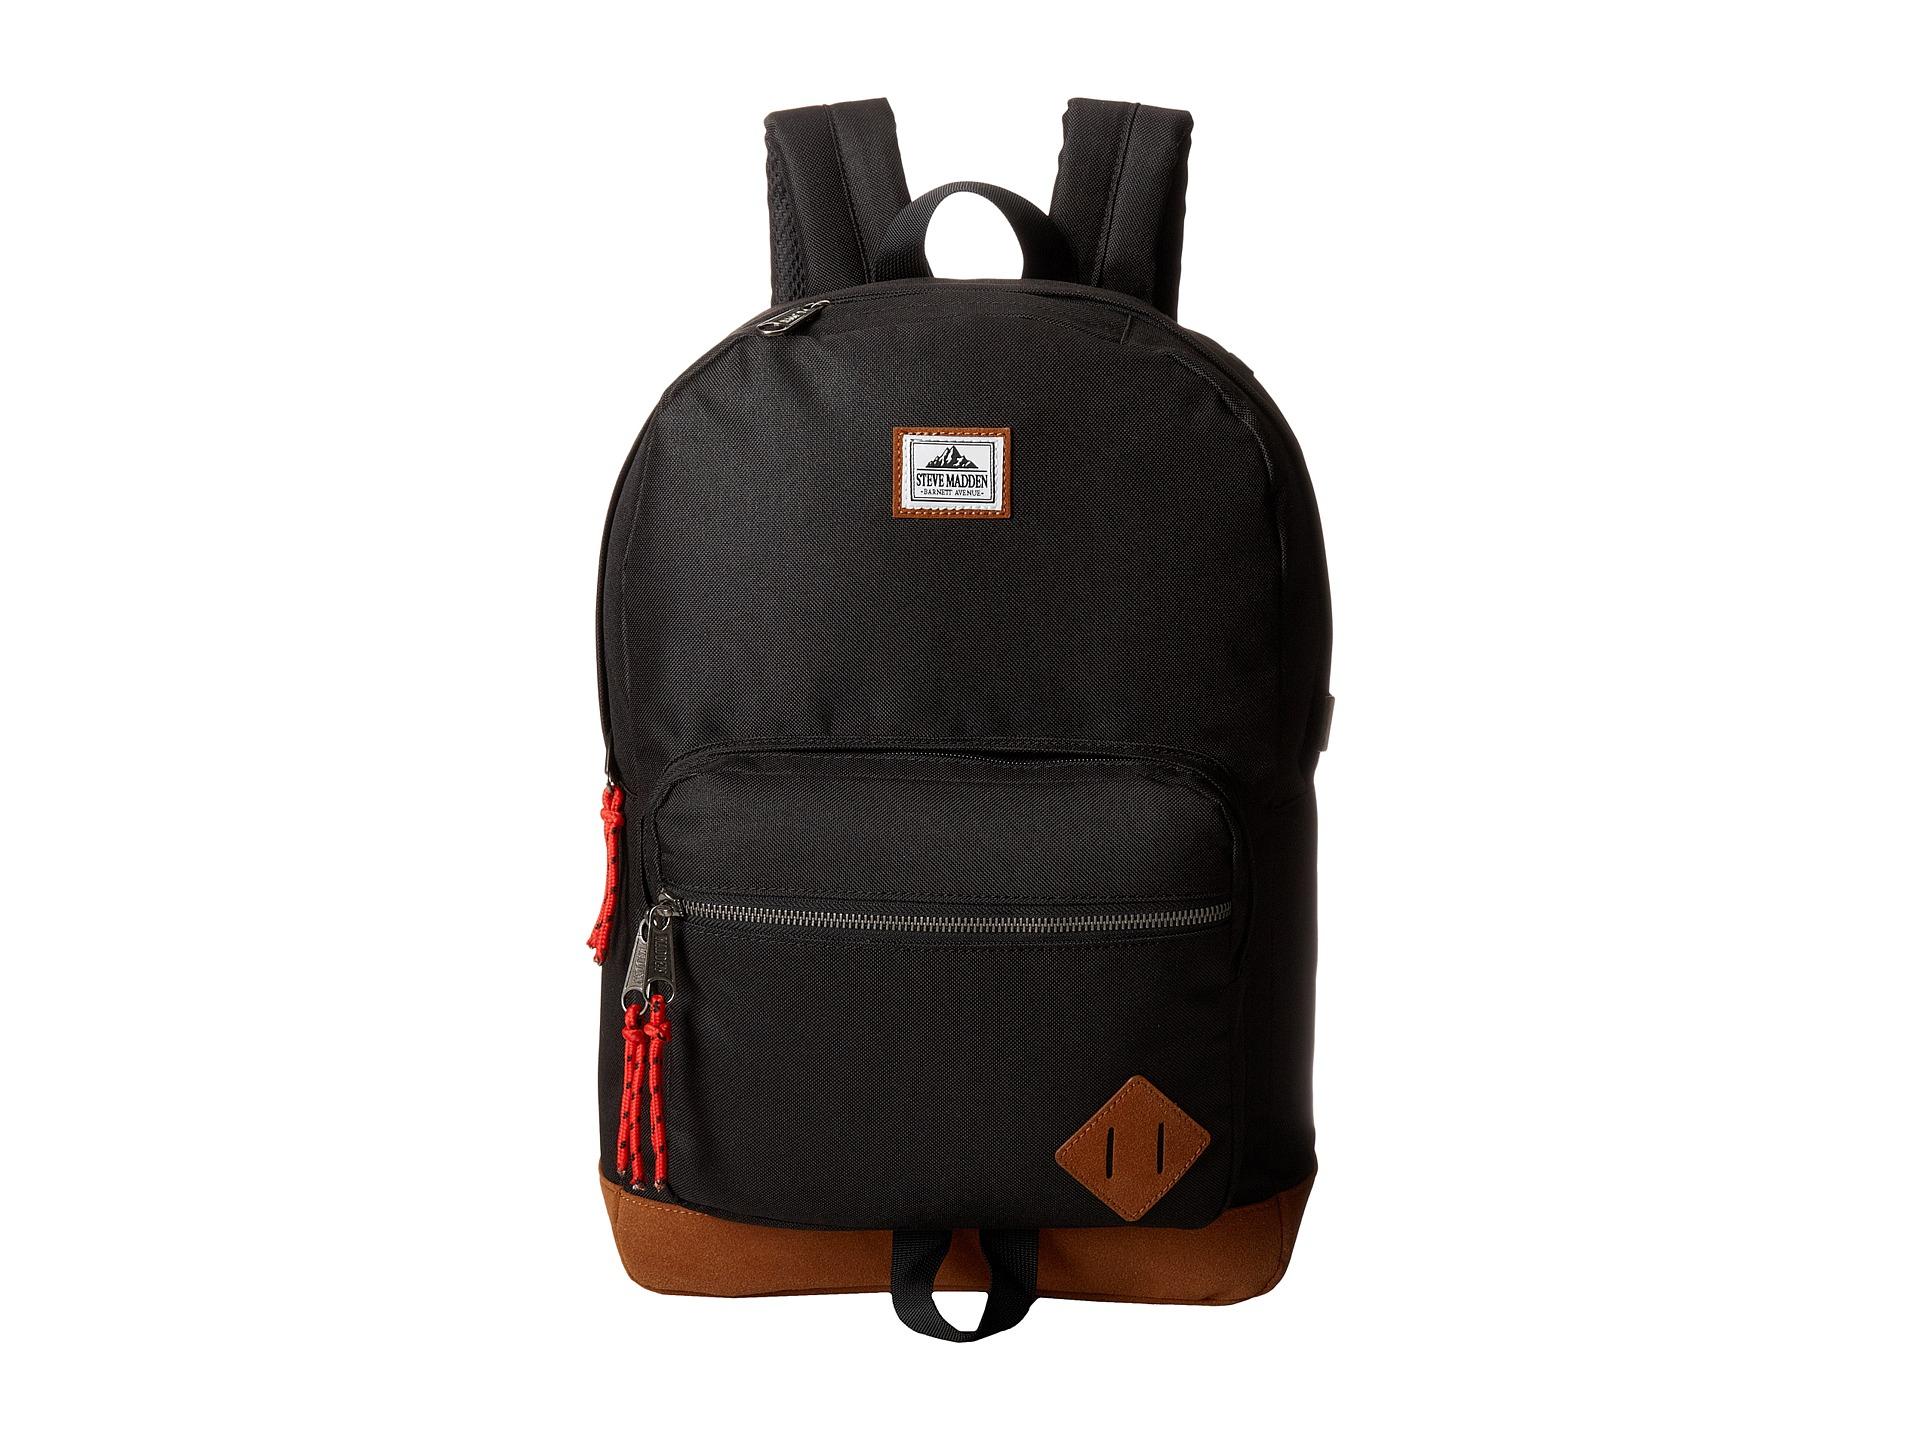 b4fd4679eb Steve Madden Classic Sport Backpack in Black for Men - Lyst